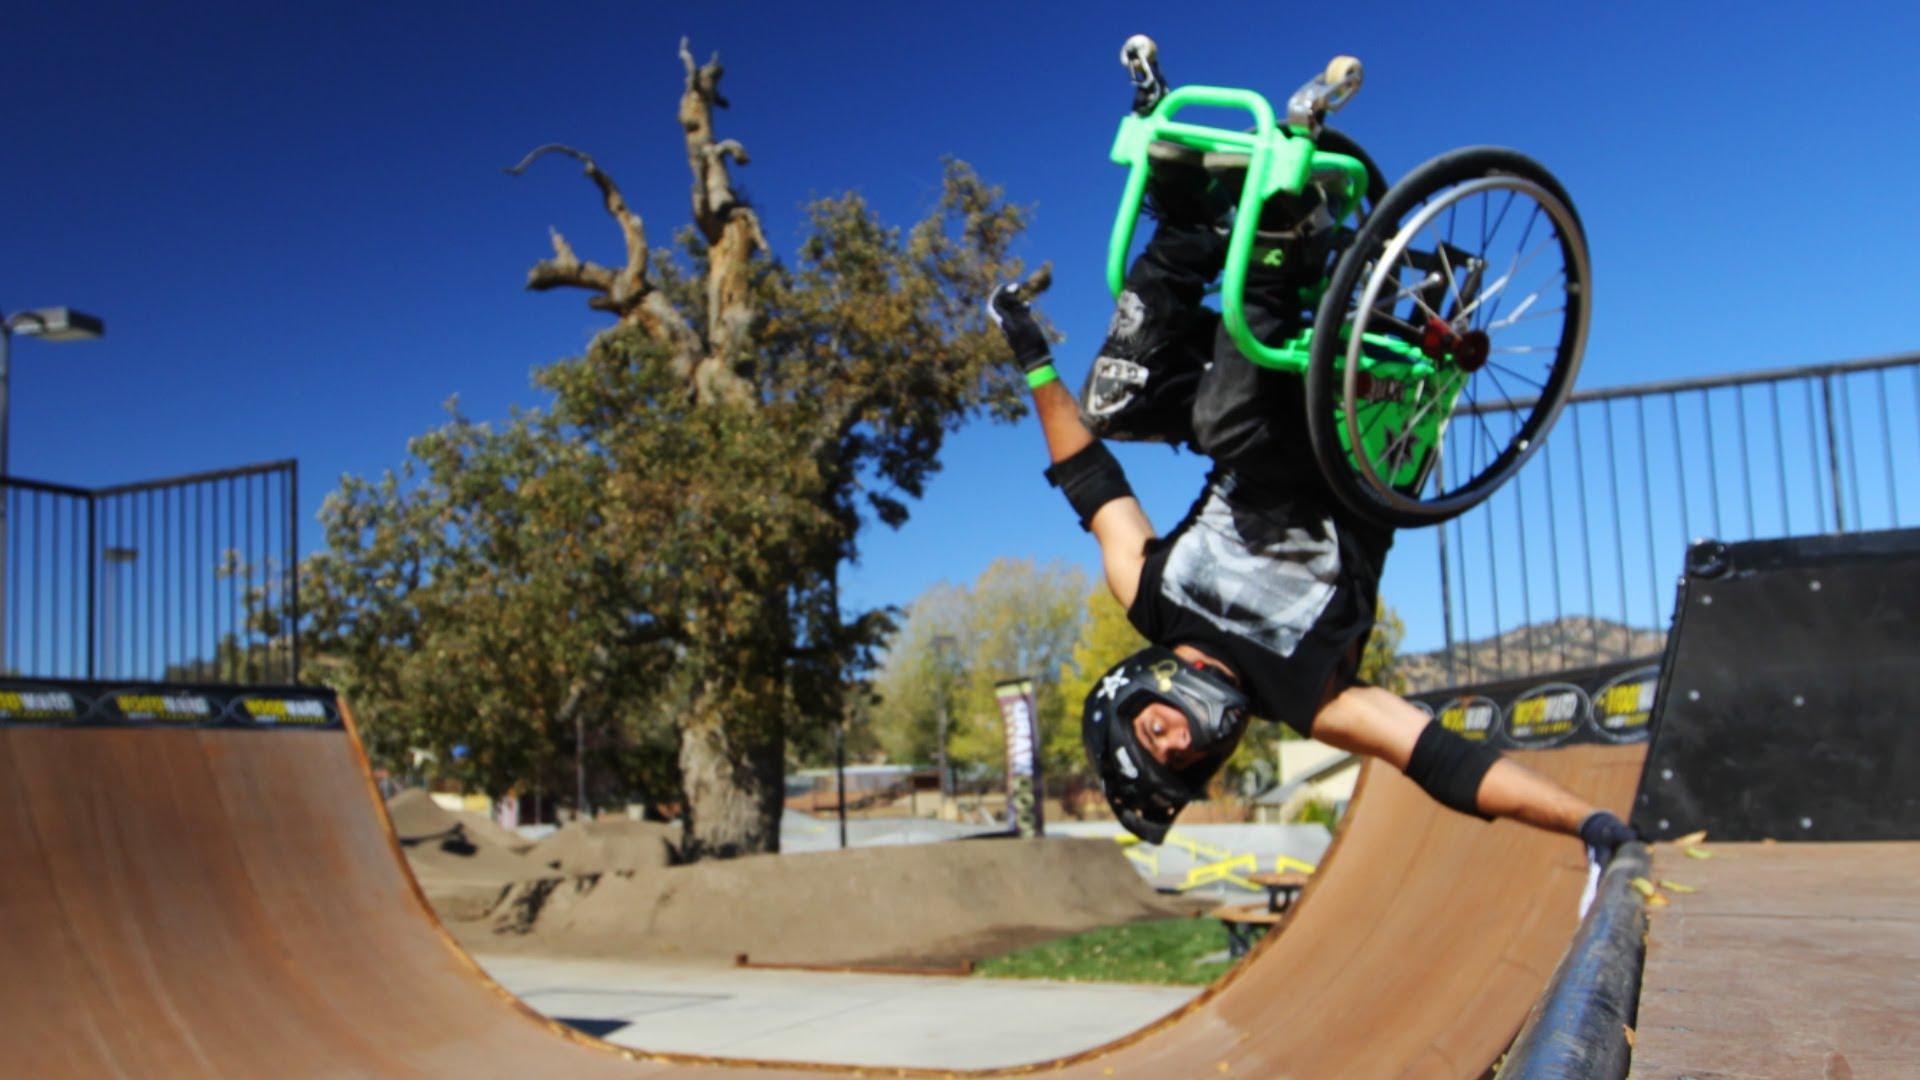 フリースタイル車椅子がエキサイティング!